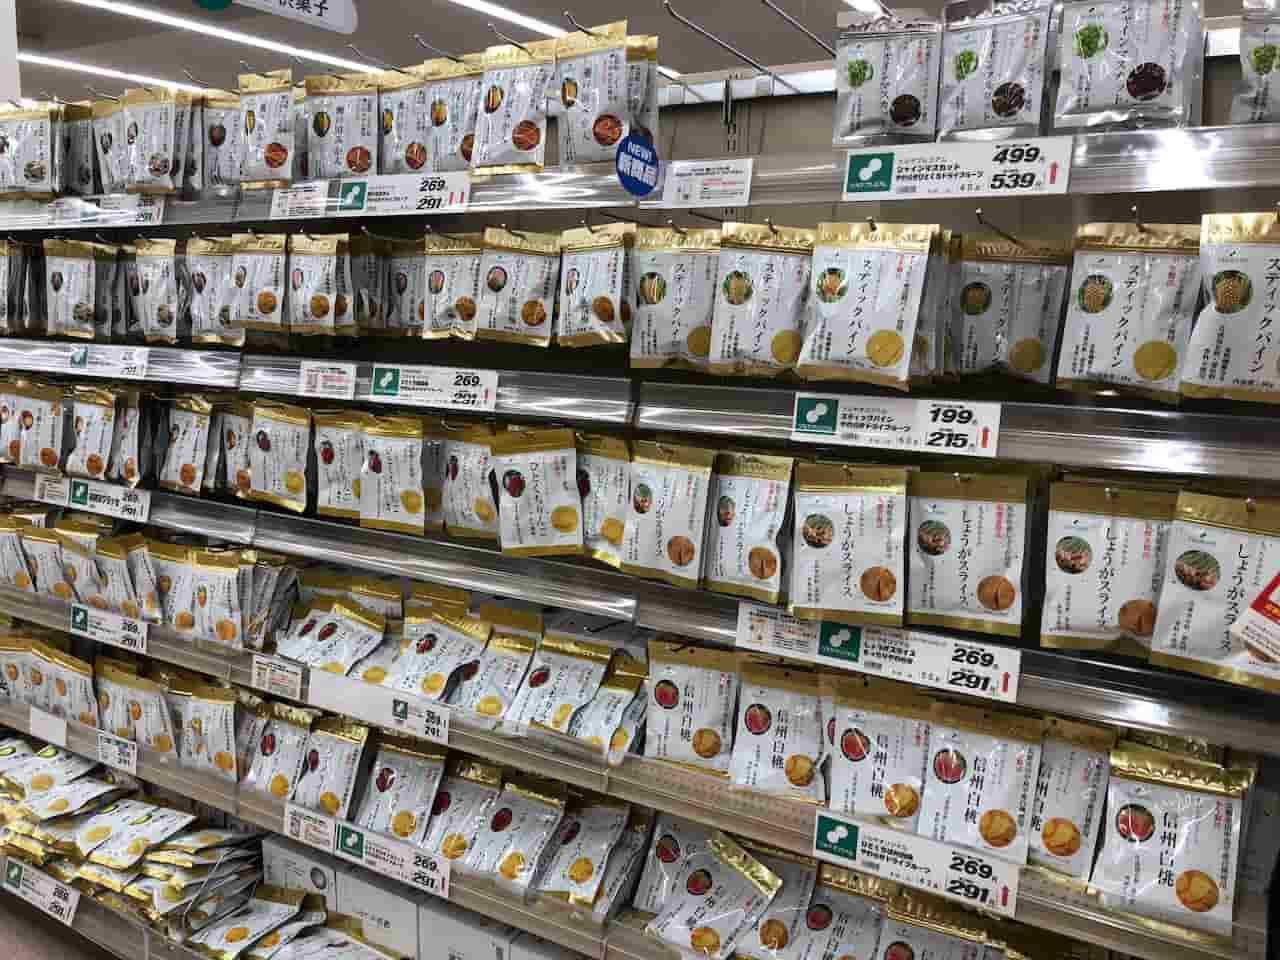 ツルヤ軽井沢店のドライフルーツコーナー